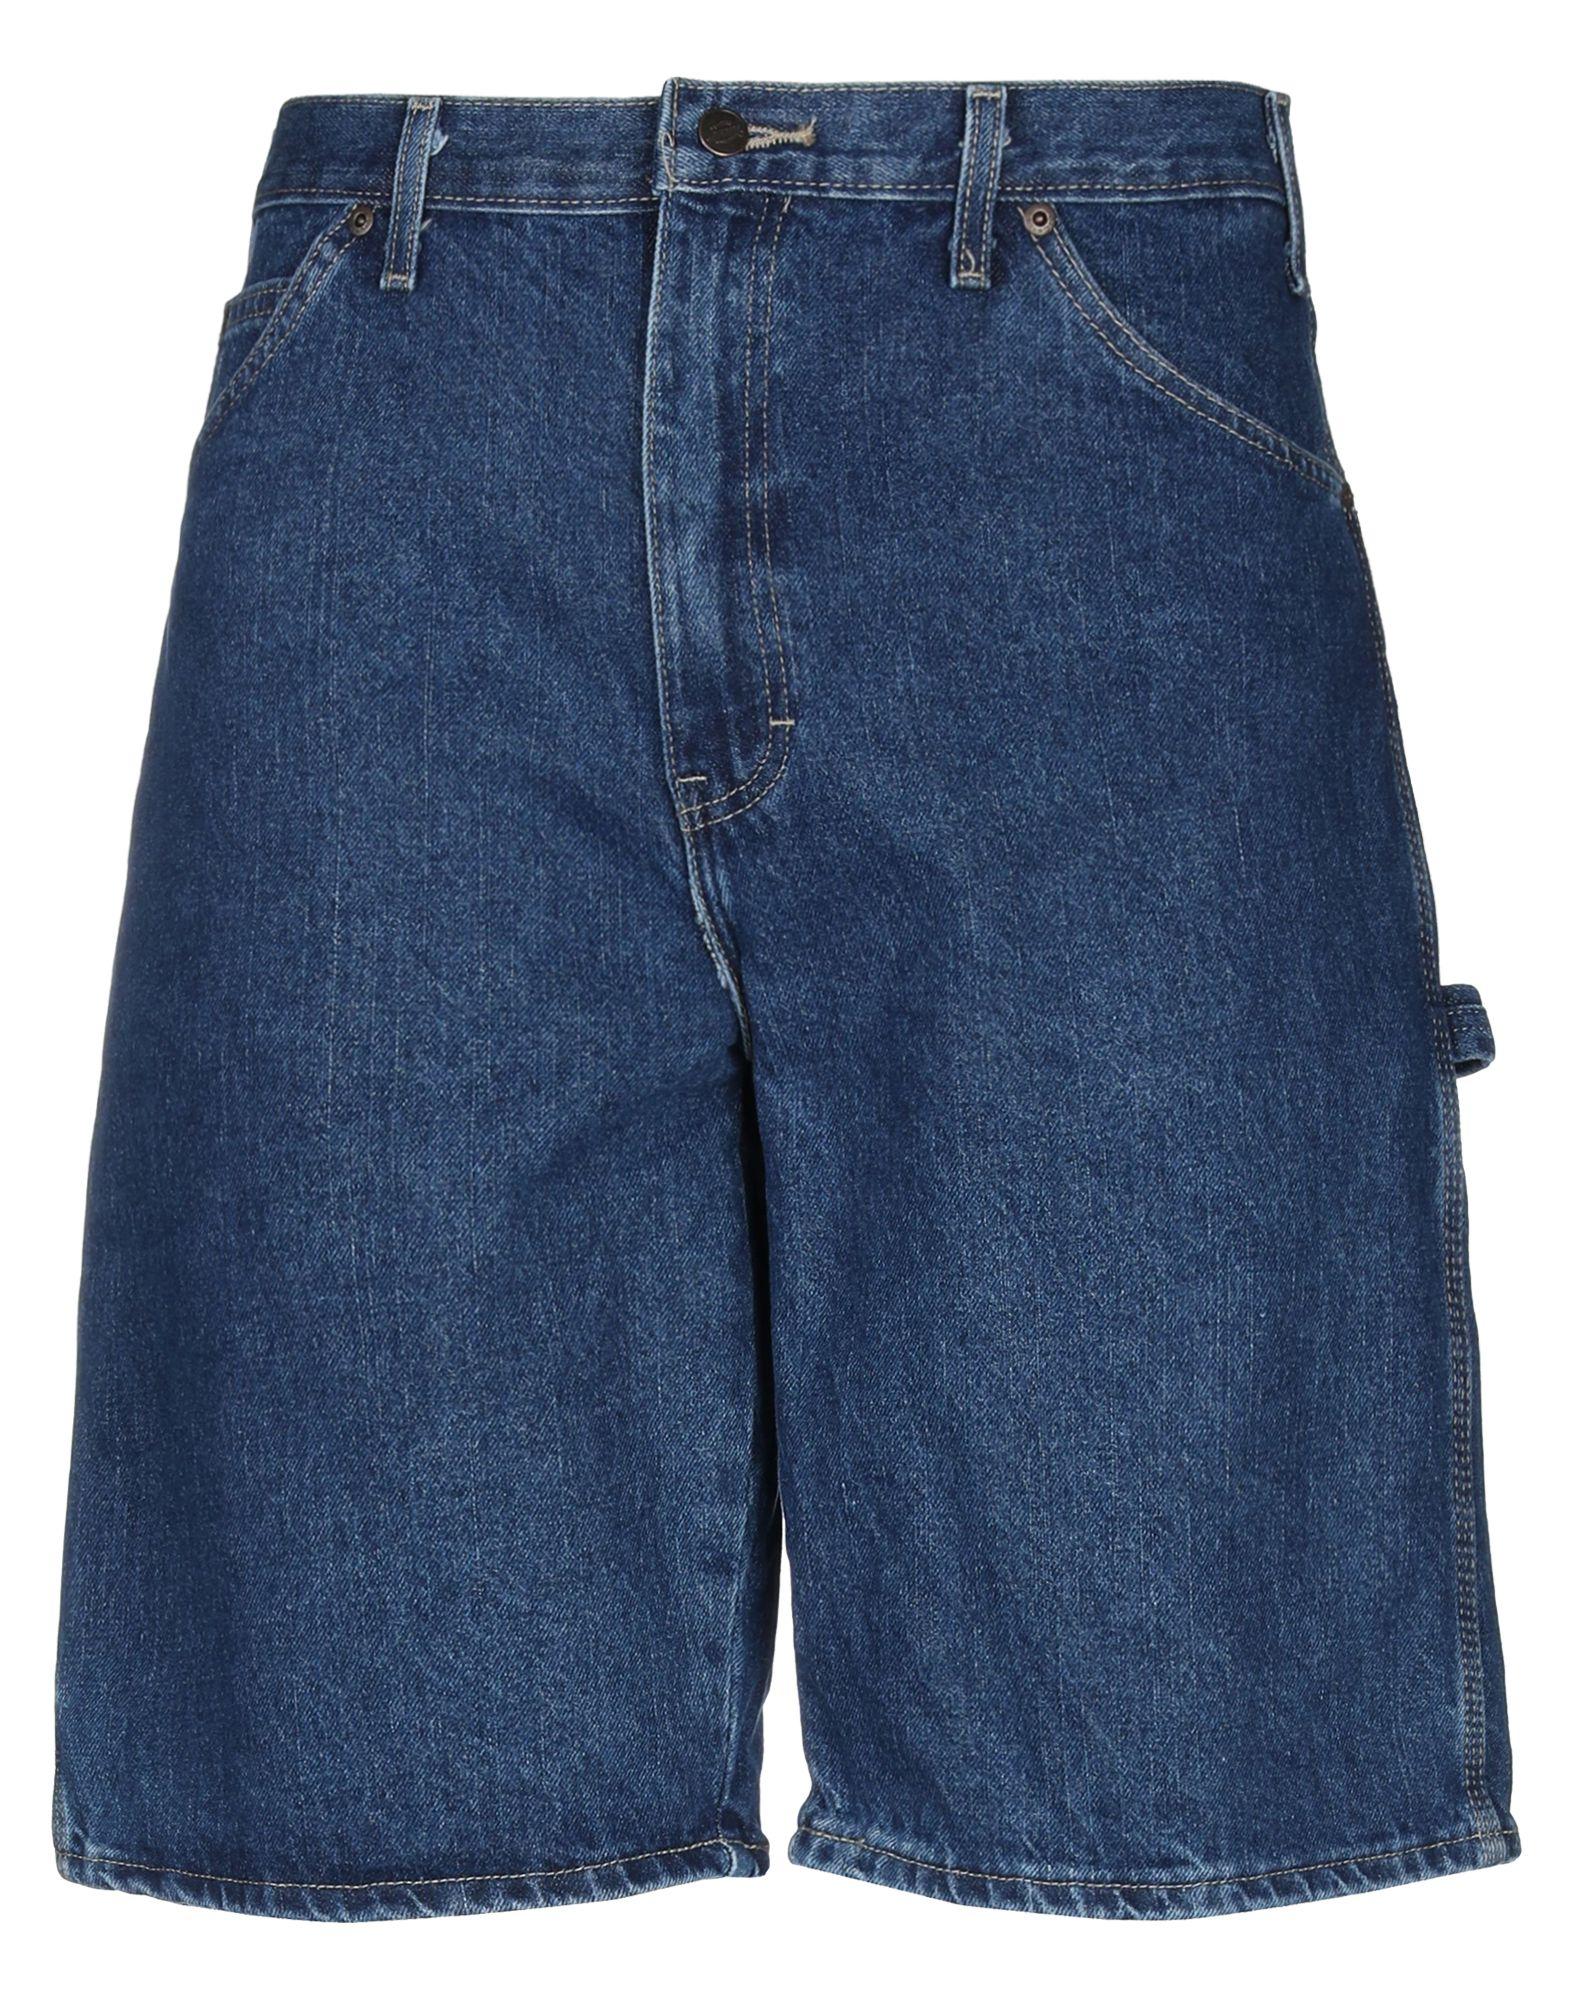 《セール開催中》DICKIES メンズ デニムバミューダパンツ ブルー 34 コットン 100%